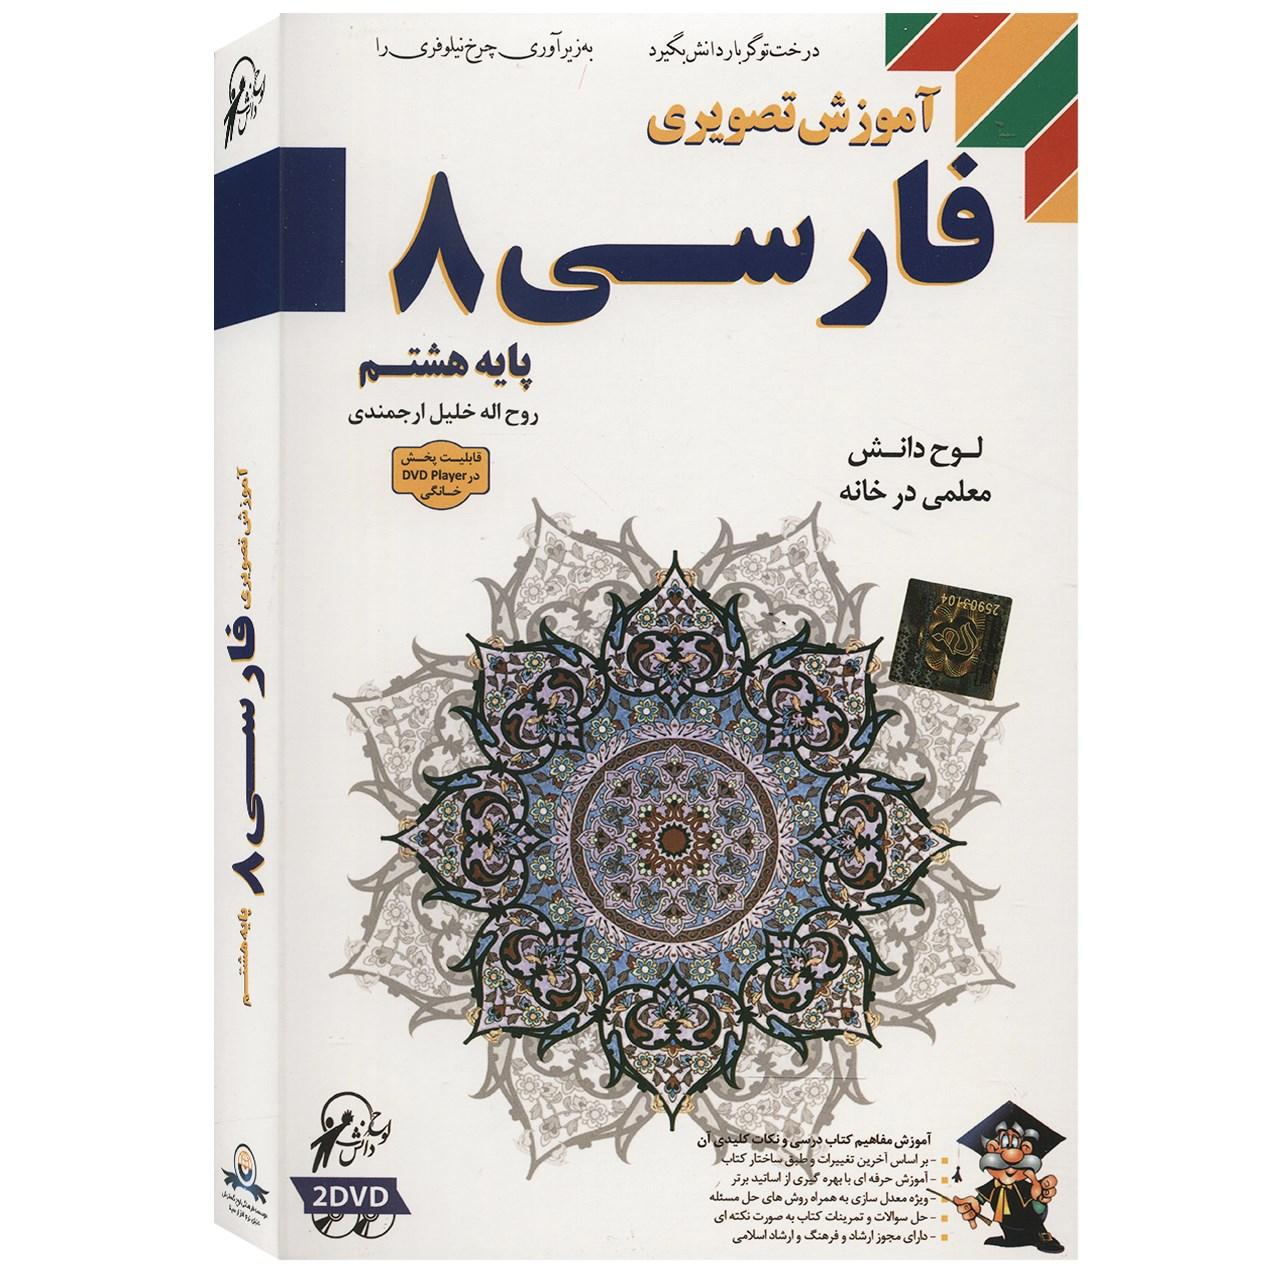 آموزش تصویری فارسی 8 نشر لوح دانش